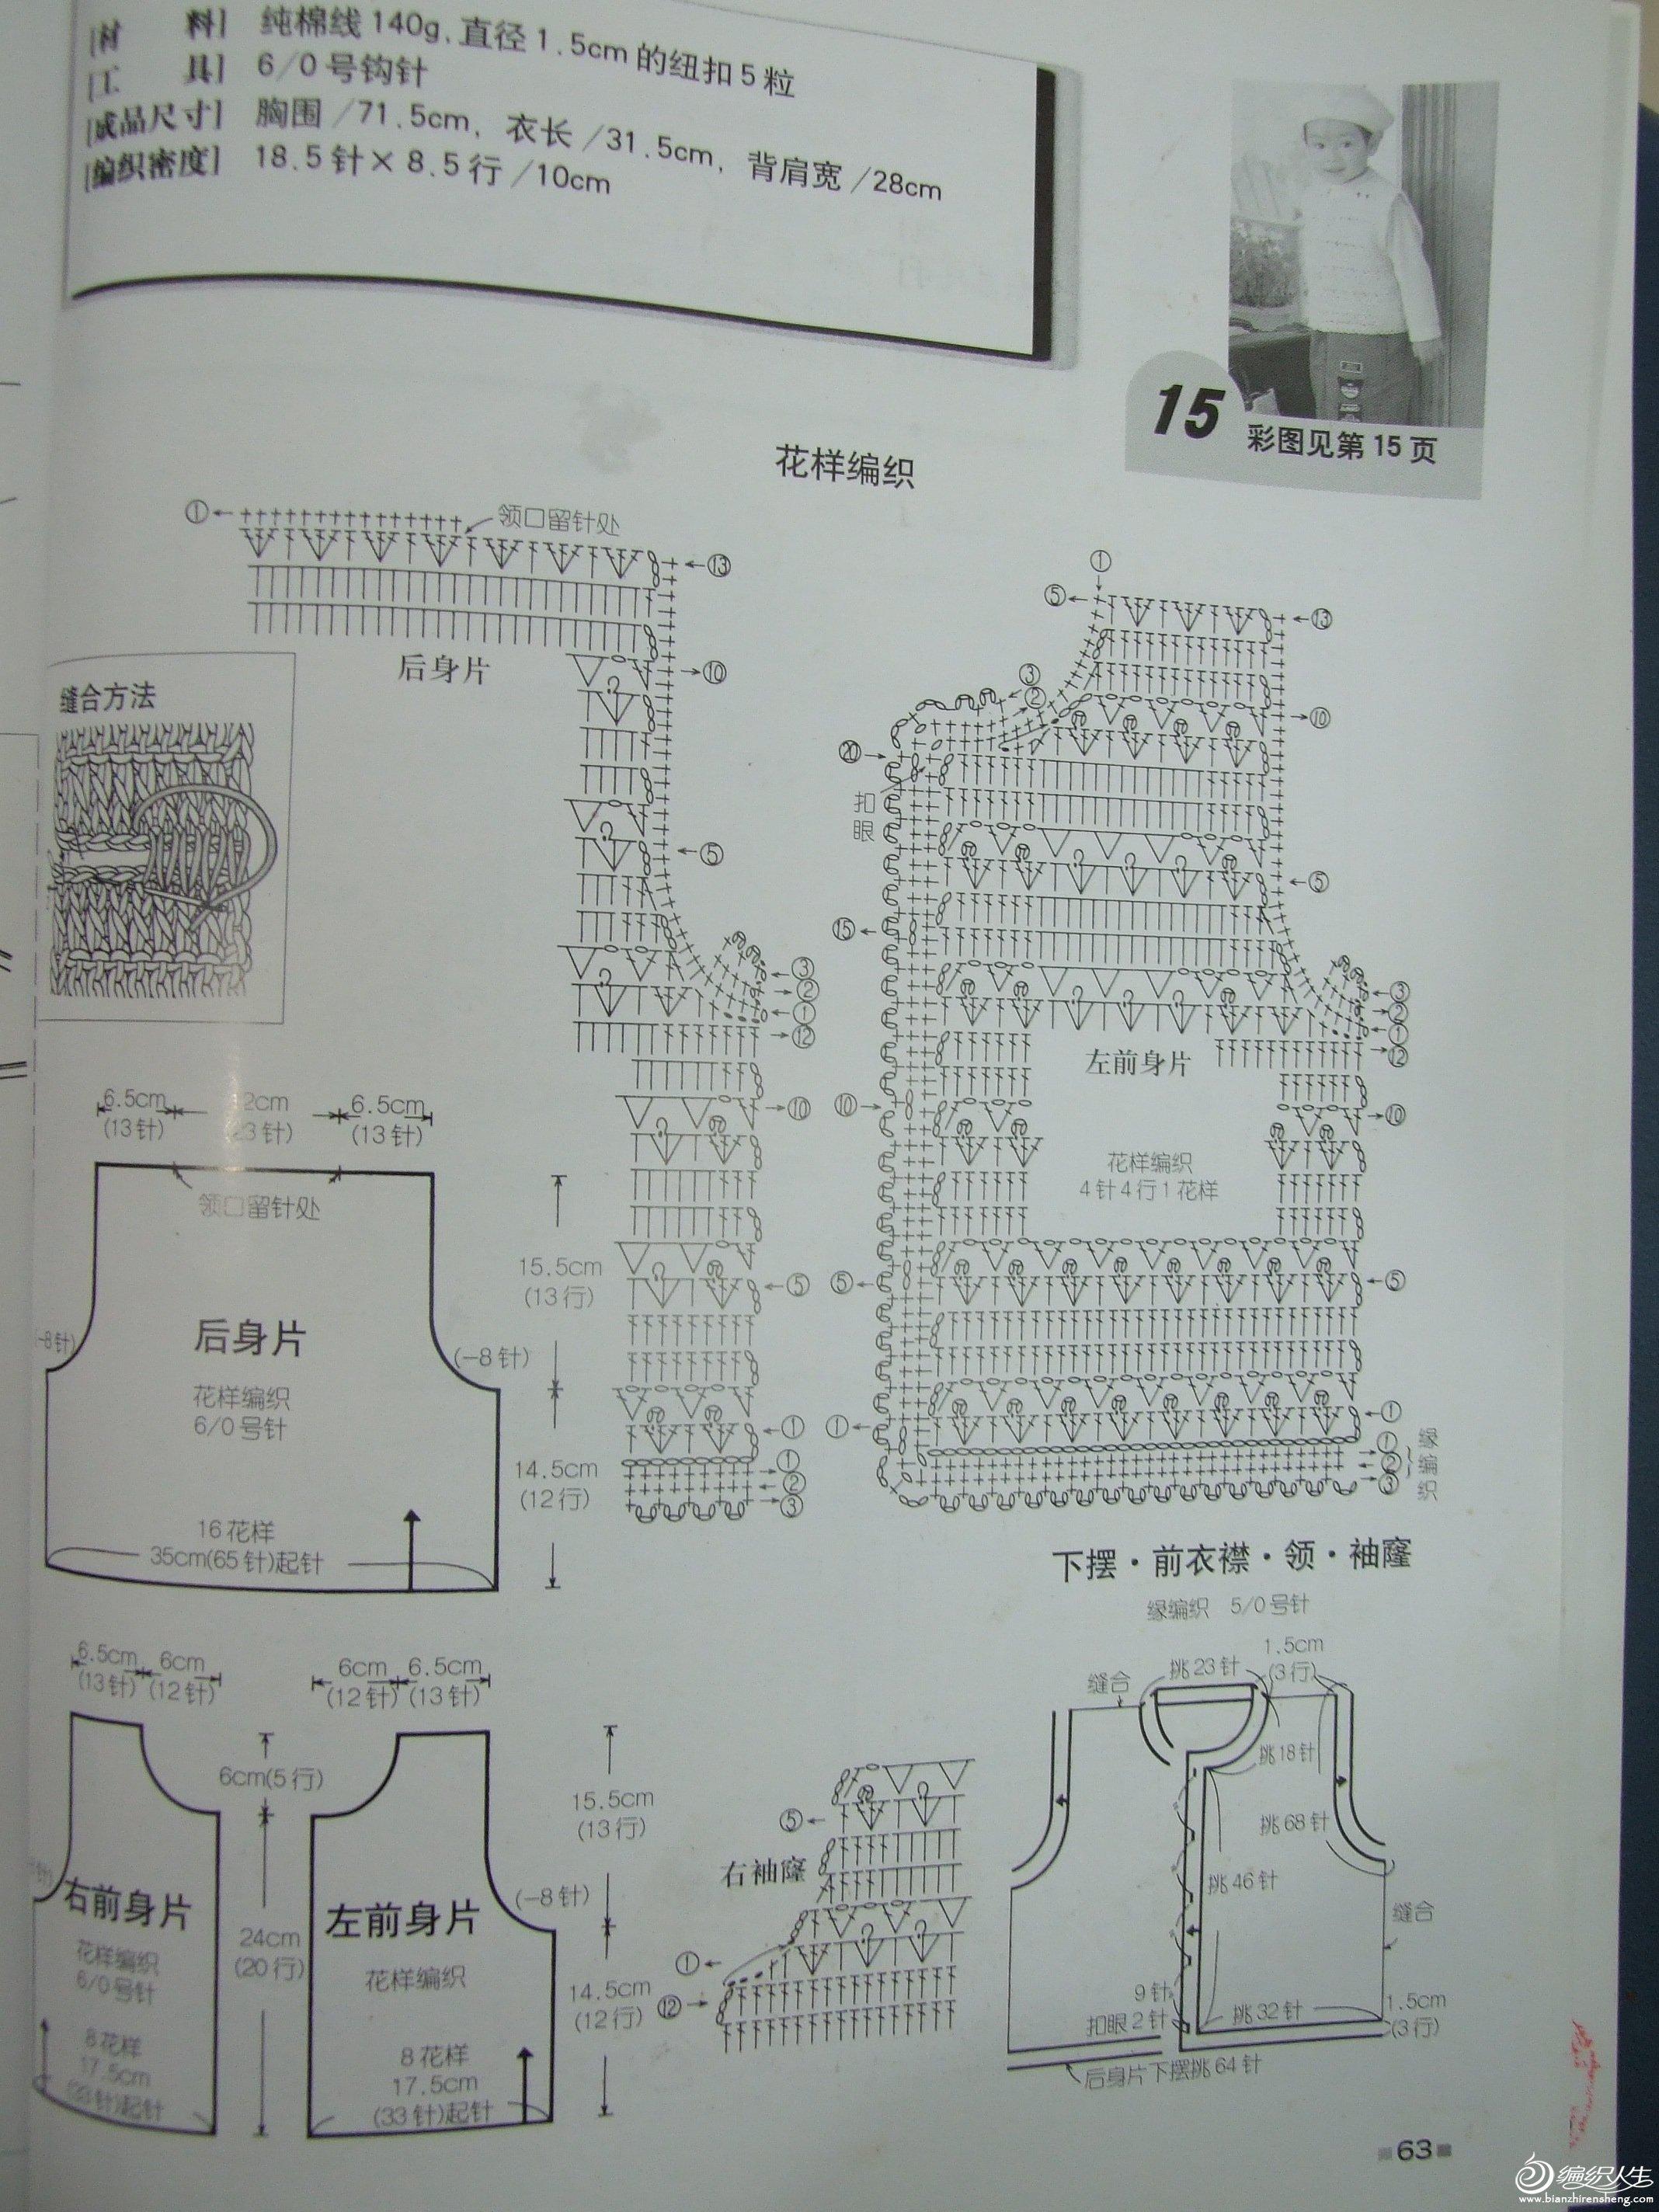 DSCF8496.JPG